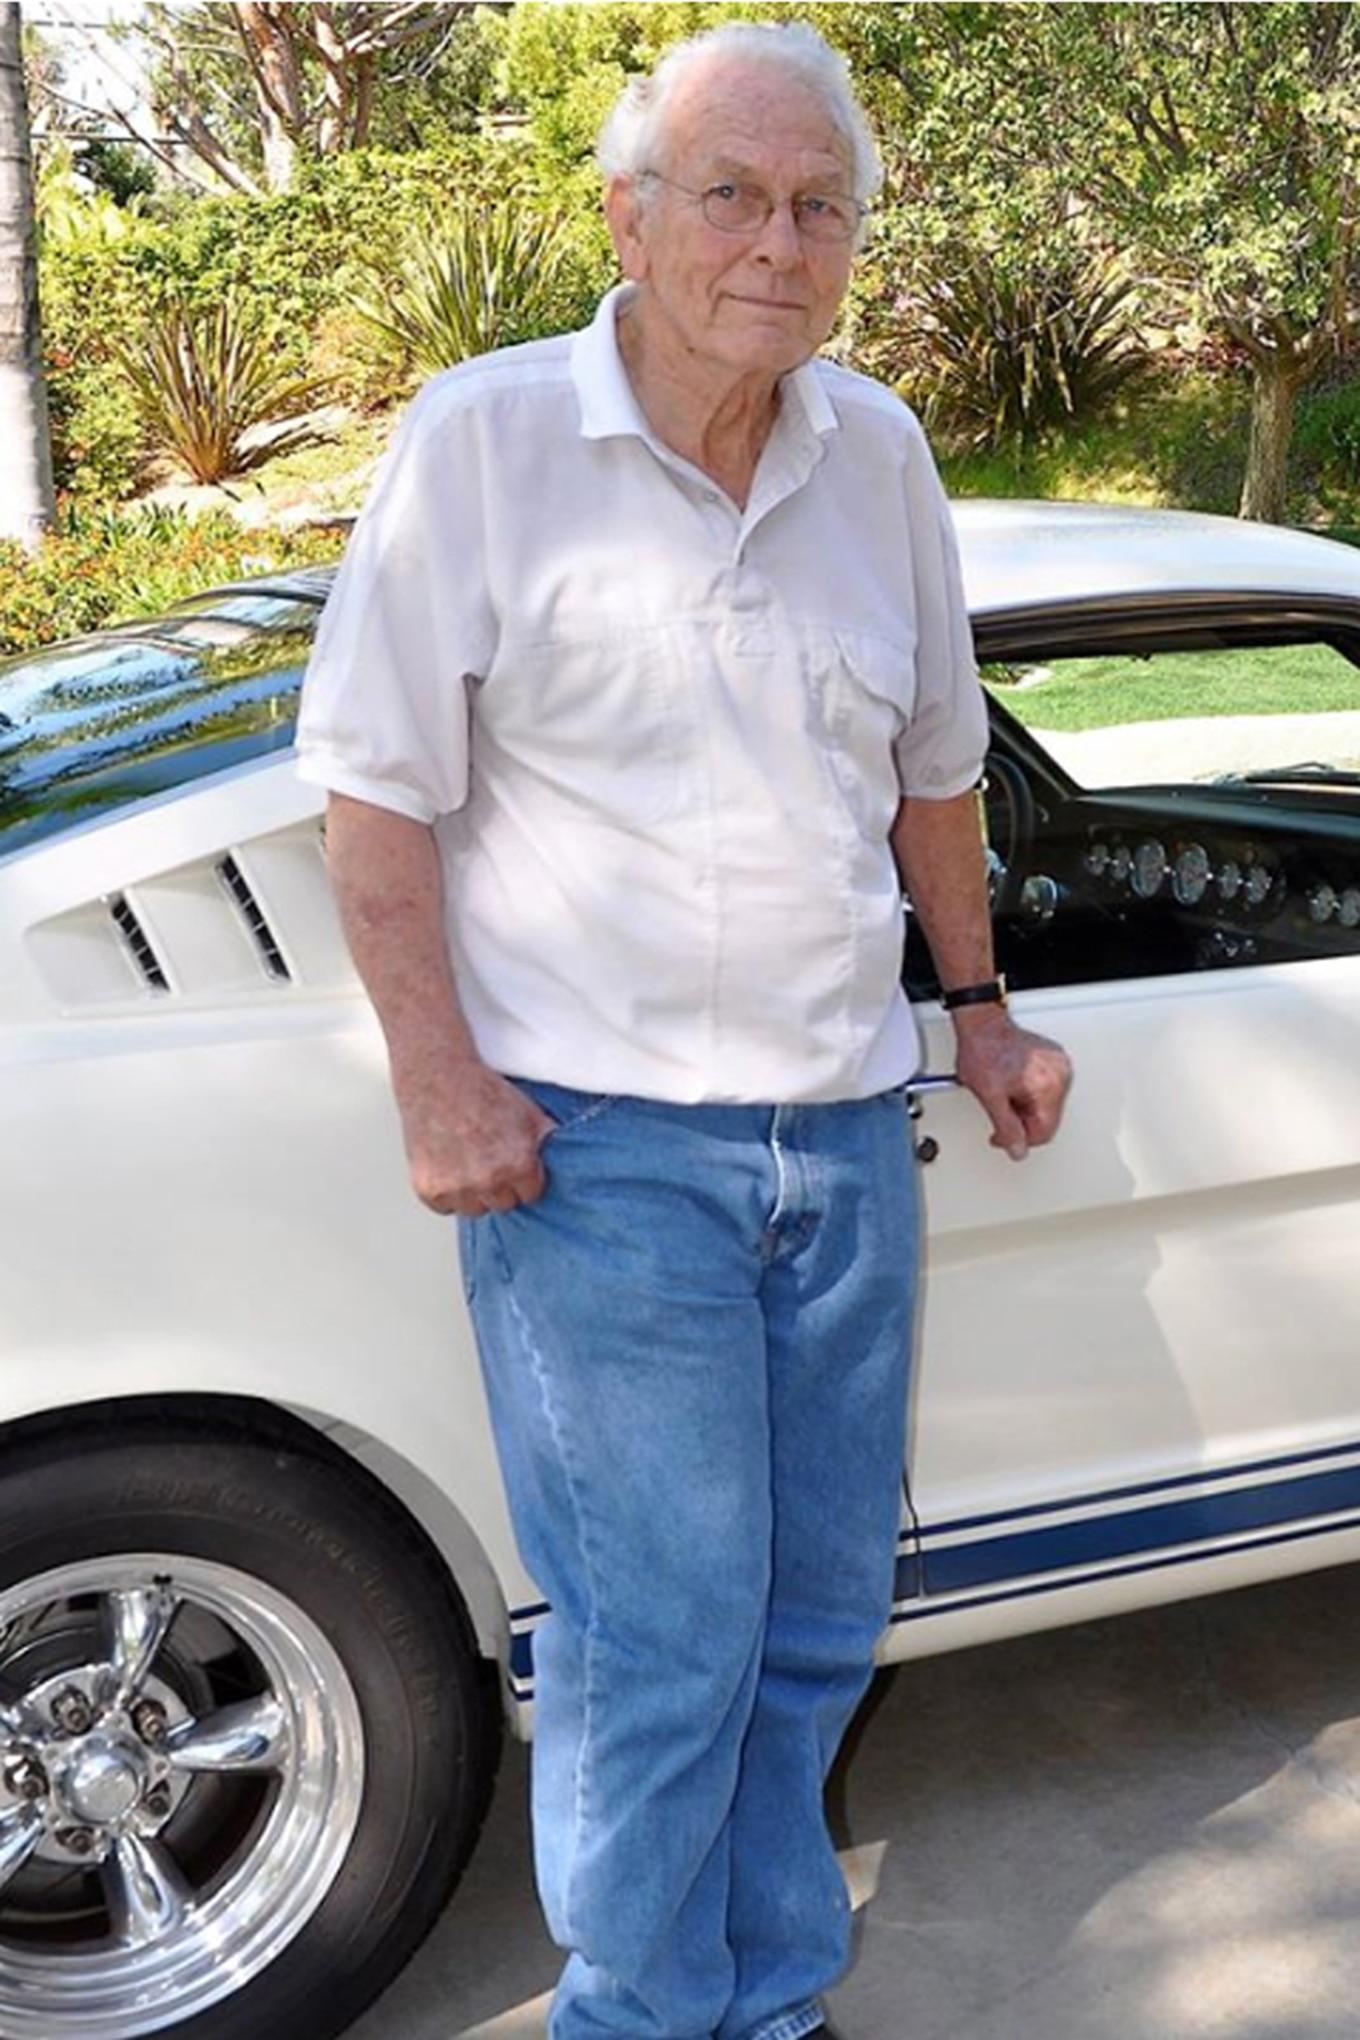 004 auto news jp jeep currie enterprises frank founder death